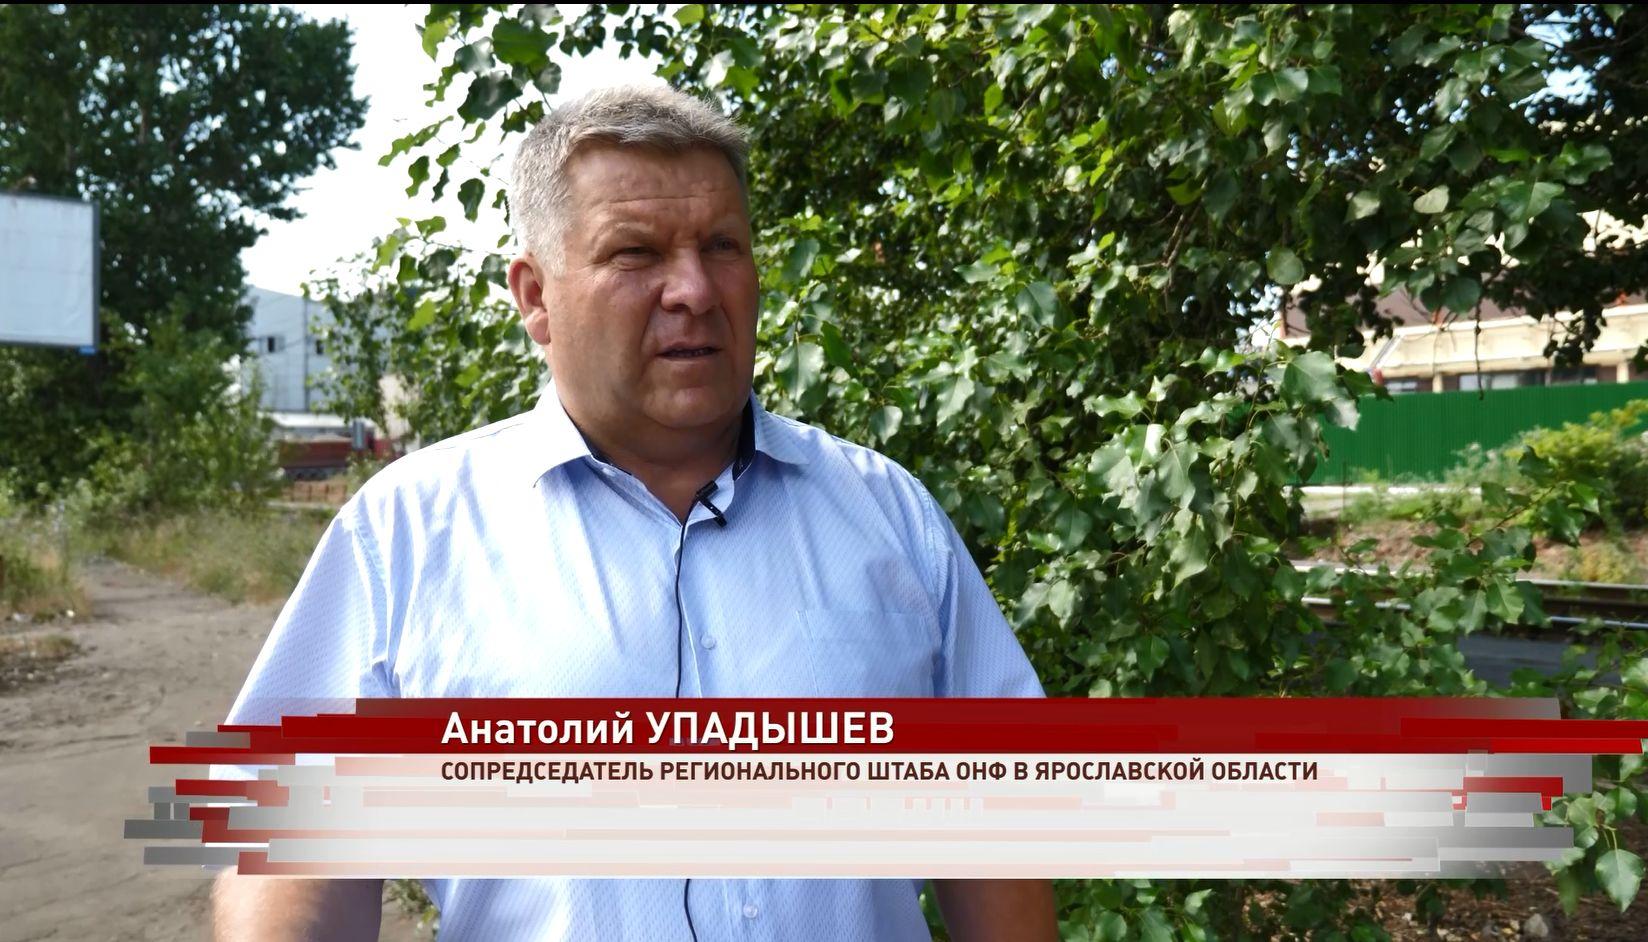 Общественники Ярославля дали оценку новой транспортной схеме